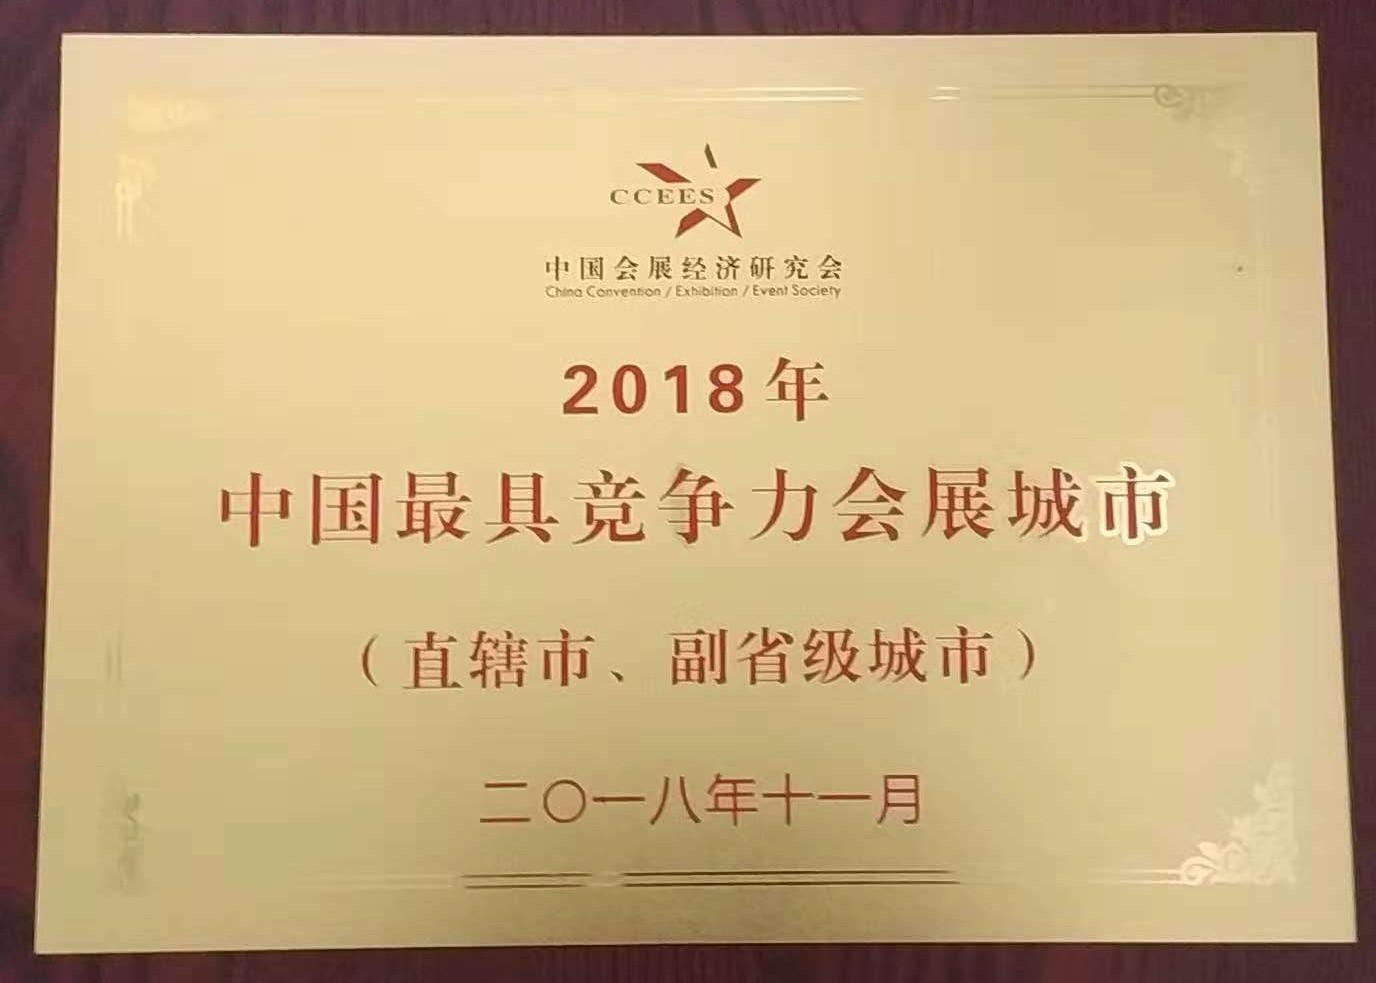 2018中国最具竞争力会展城市.jpg